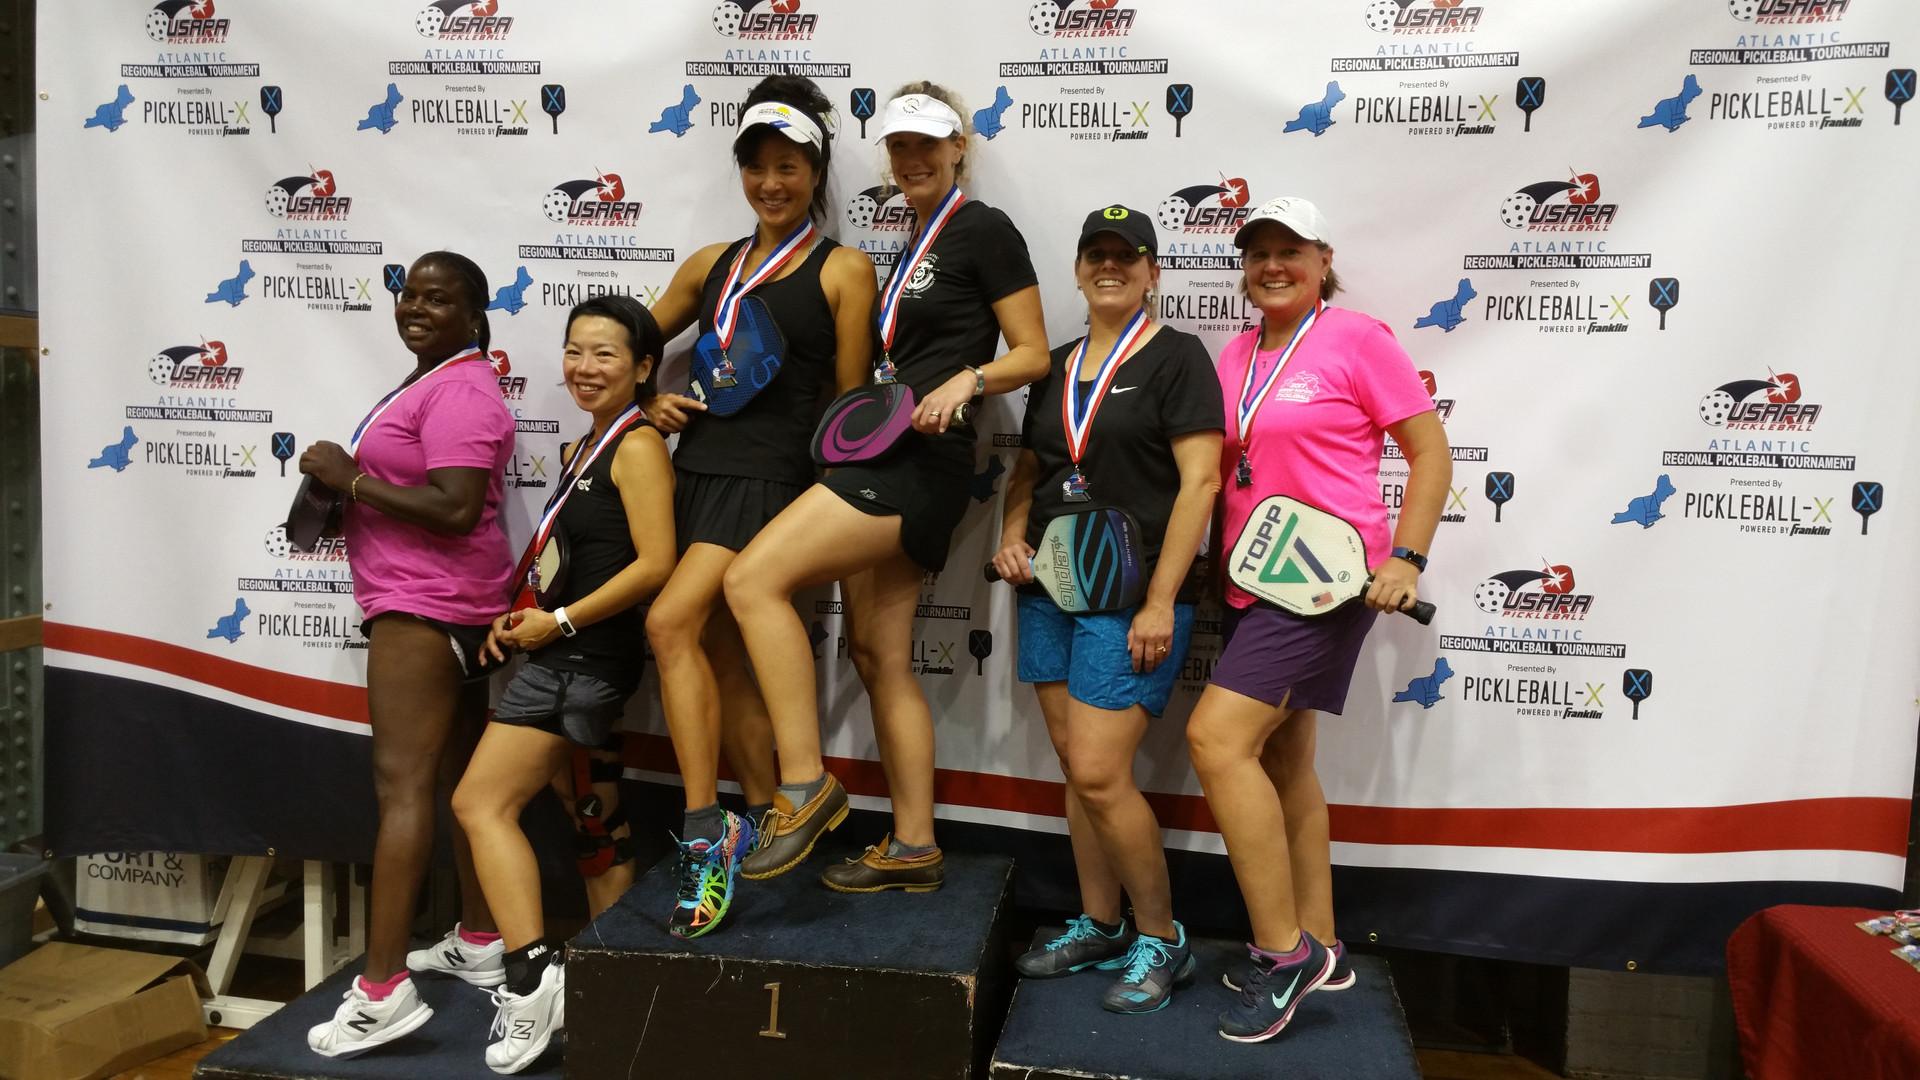 Lekkie Larson and Petunia take Bronze at